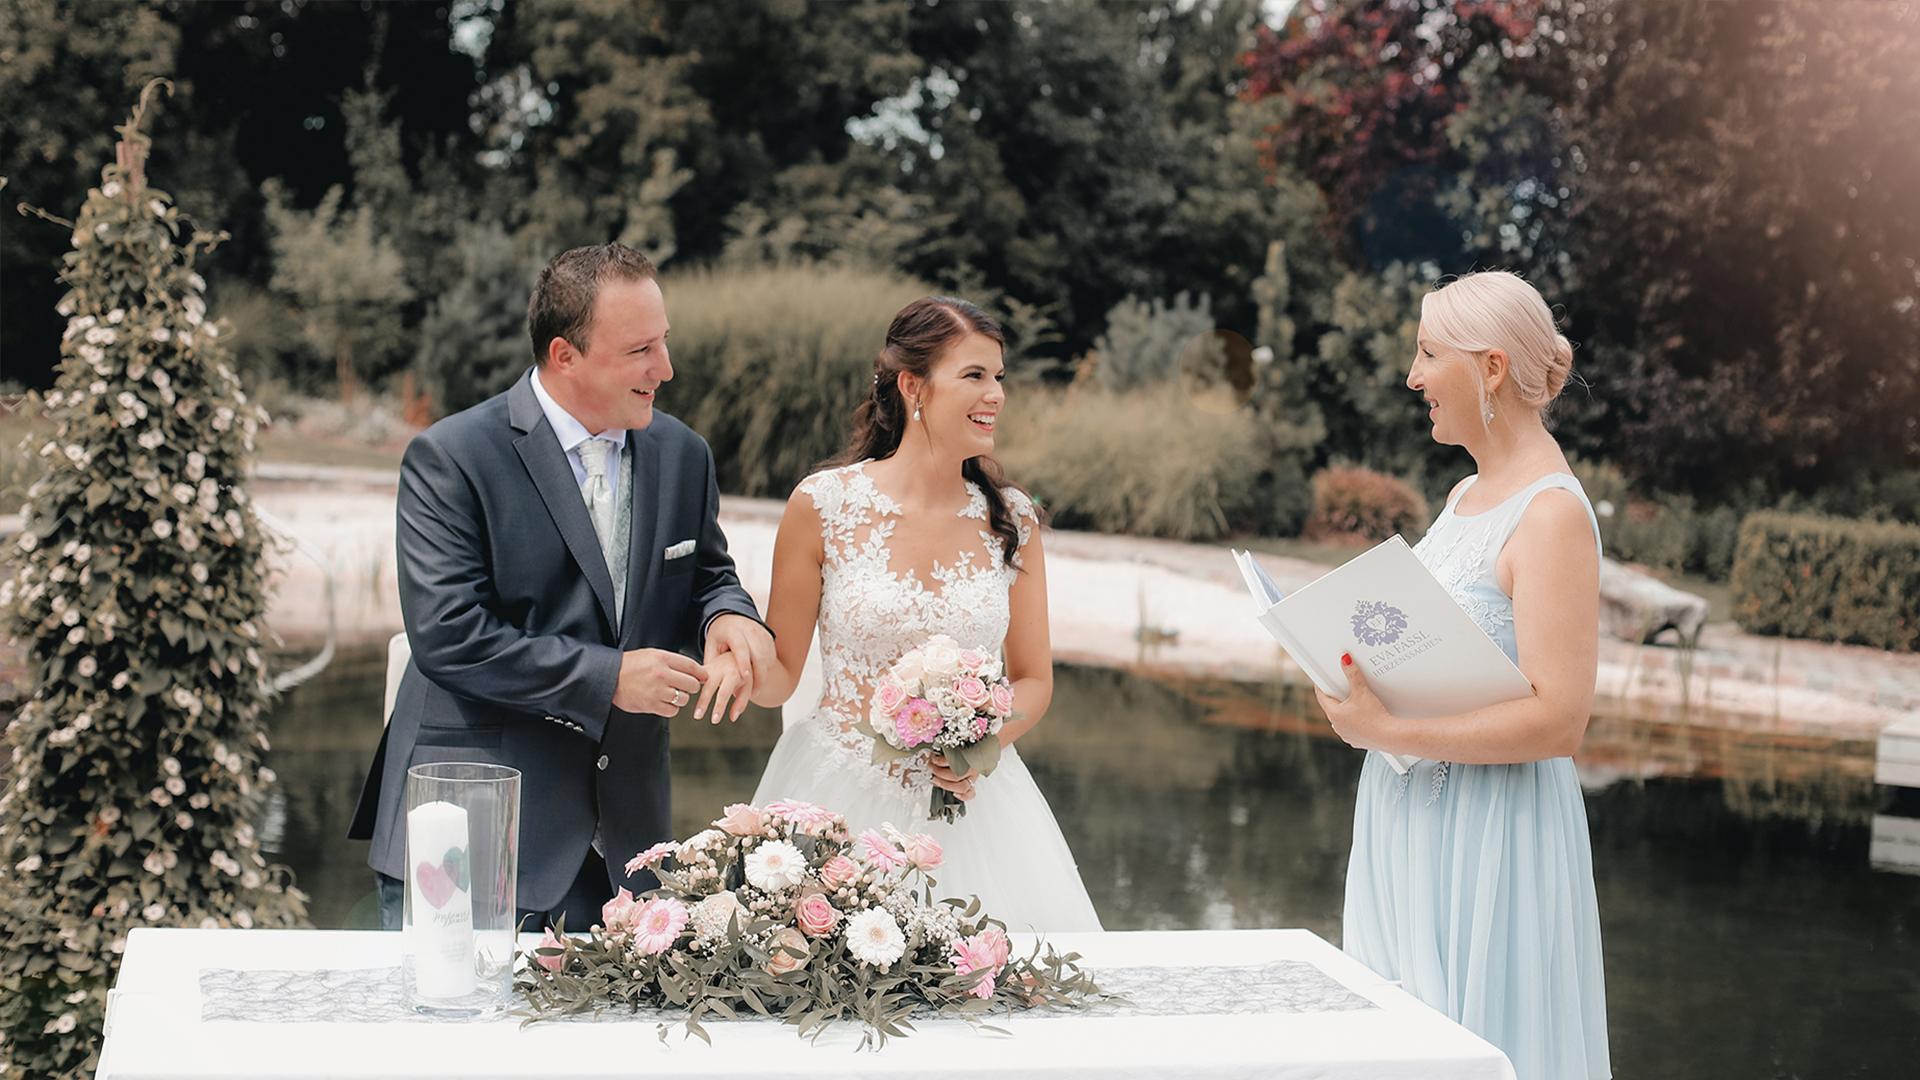 Eva Fassl die Hochzeitsrednerin - Ice-Wedding.at 3